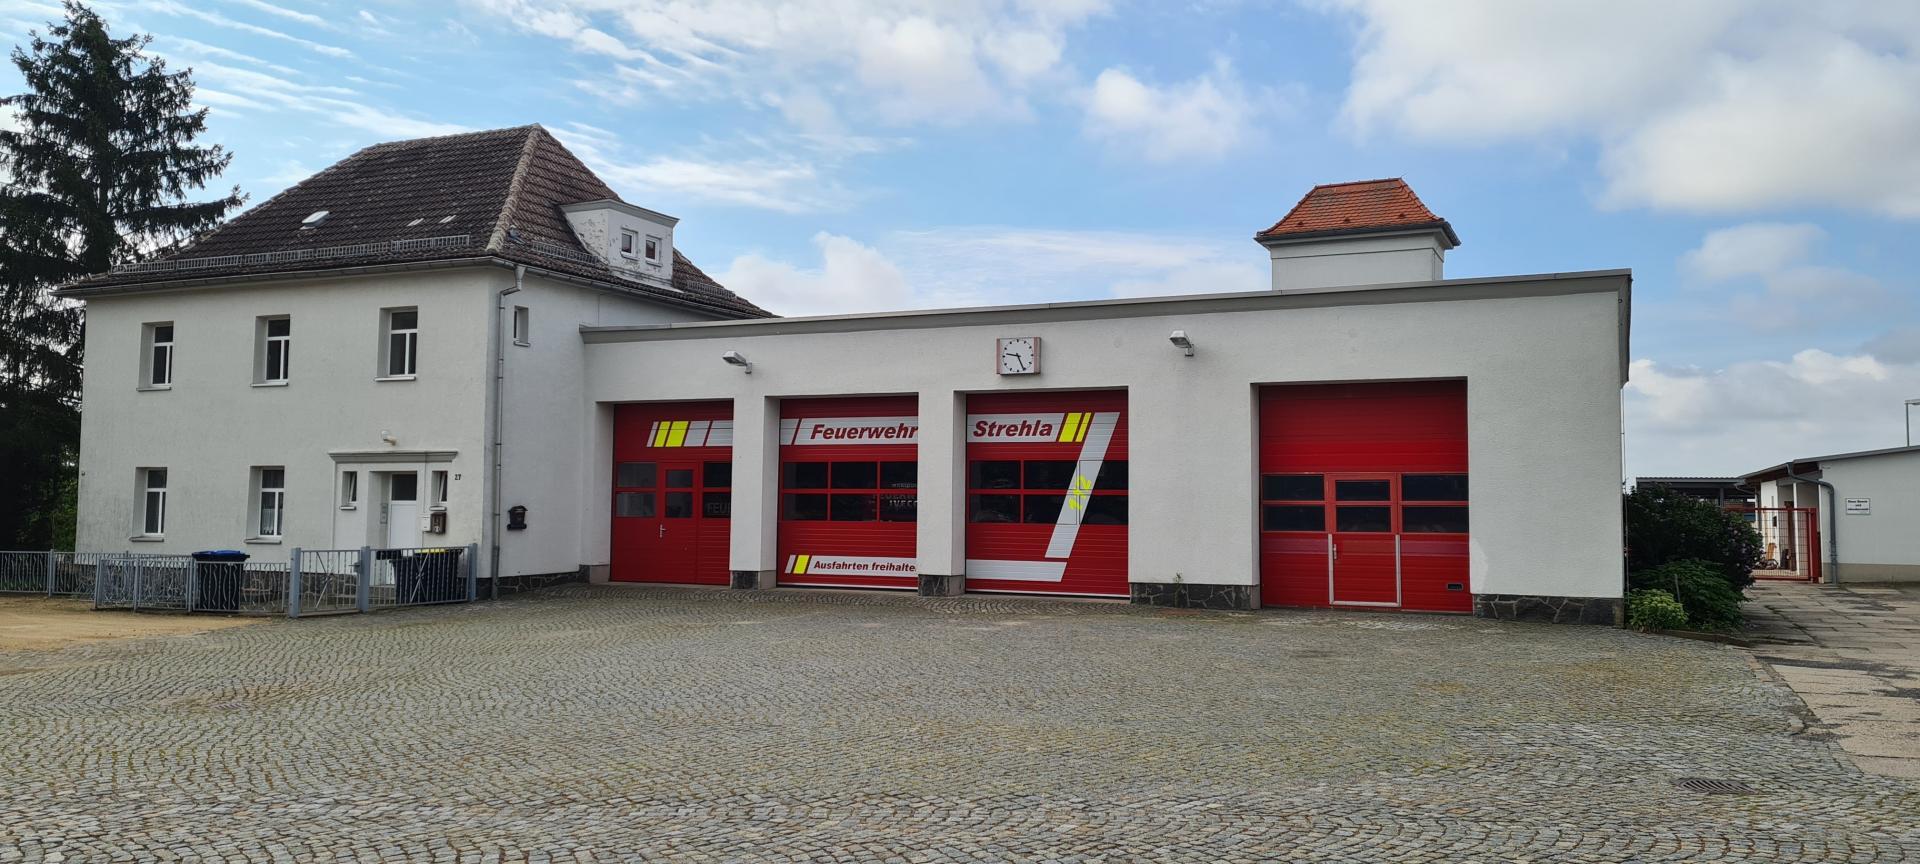 Freiwillige Feuerwehr Strehla